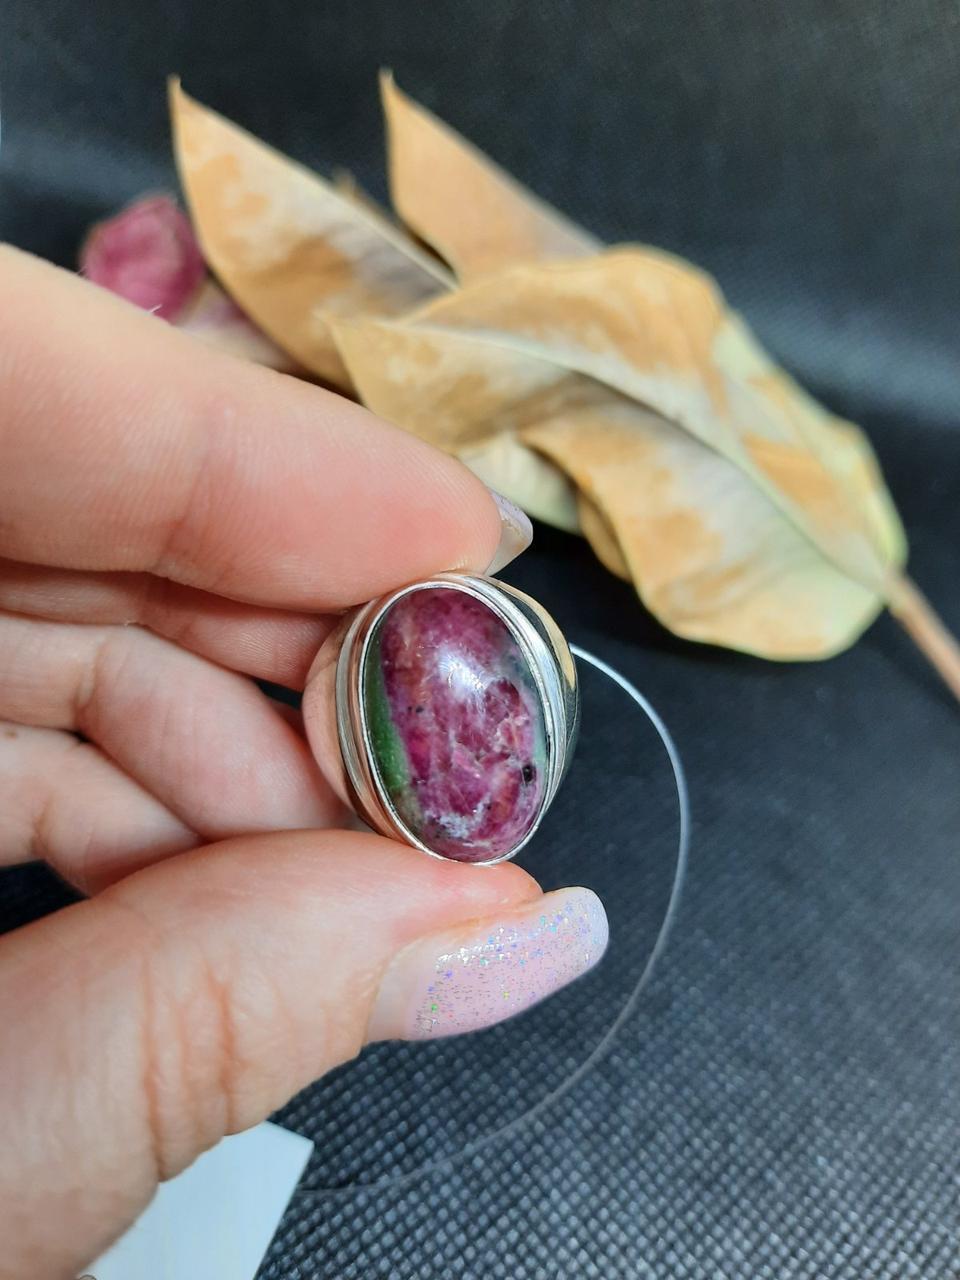 Рубин в породе цоизит кольцо овал с рубином 18,8 размер природный рубин в серебре Индия